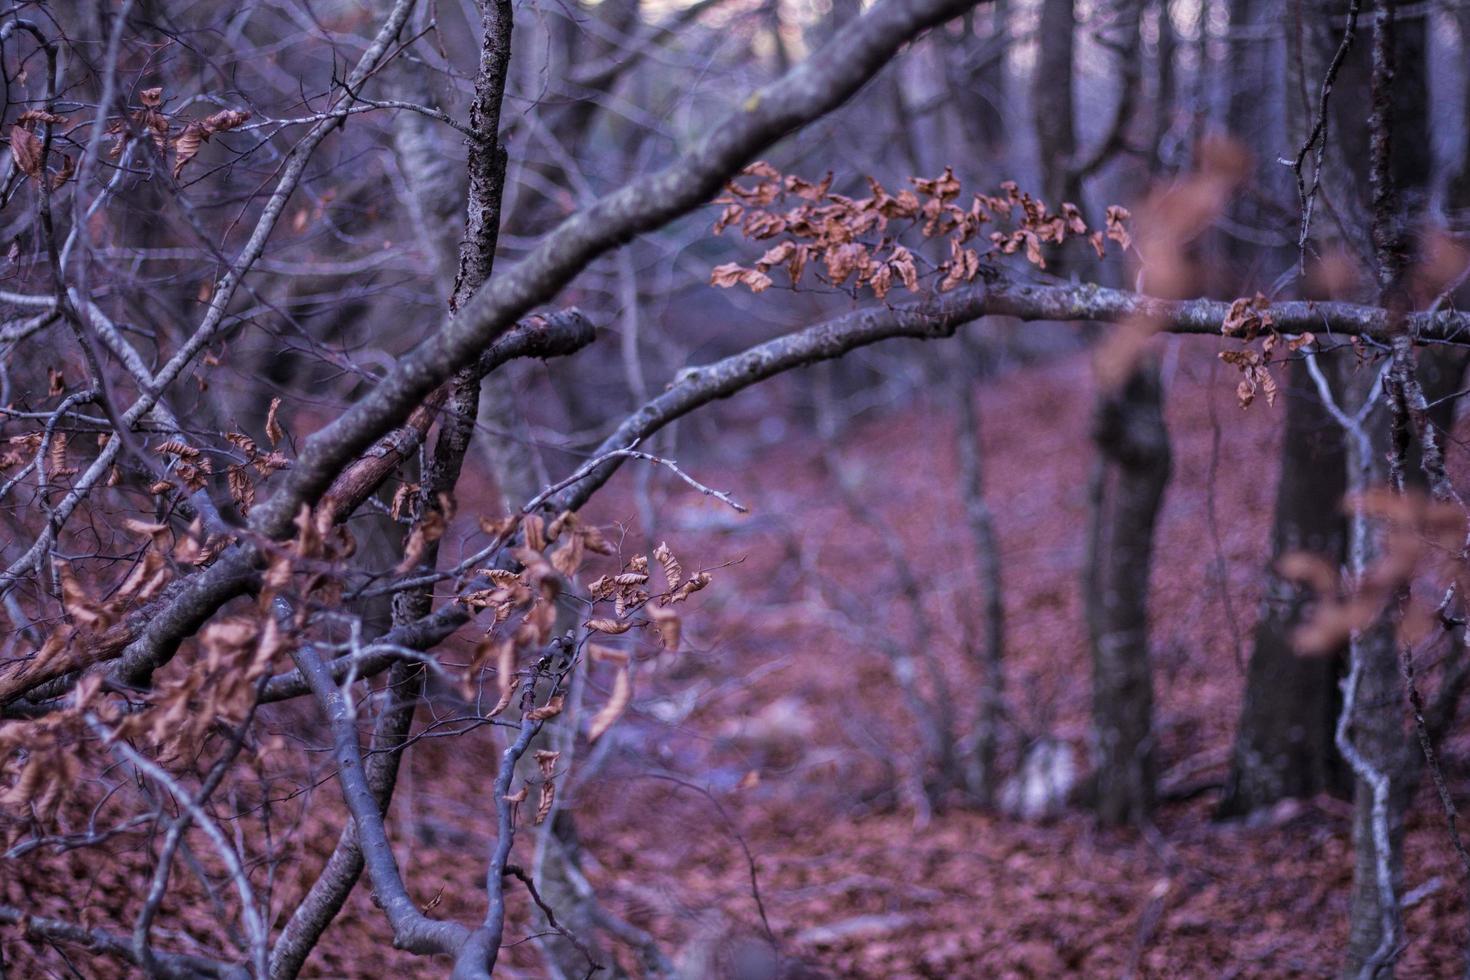 Woods at night photo